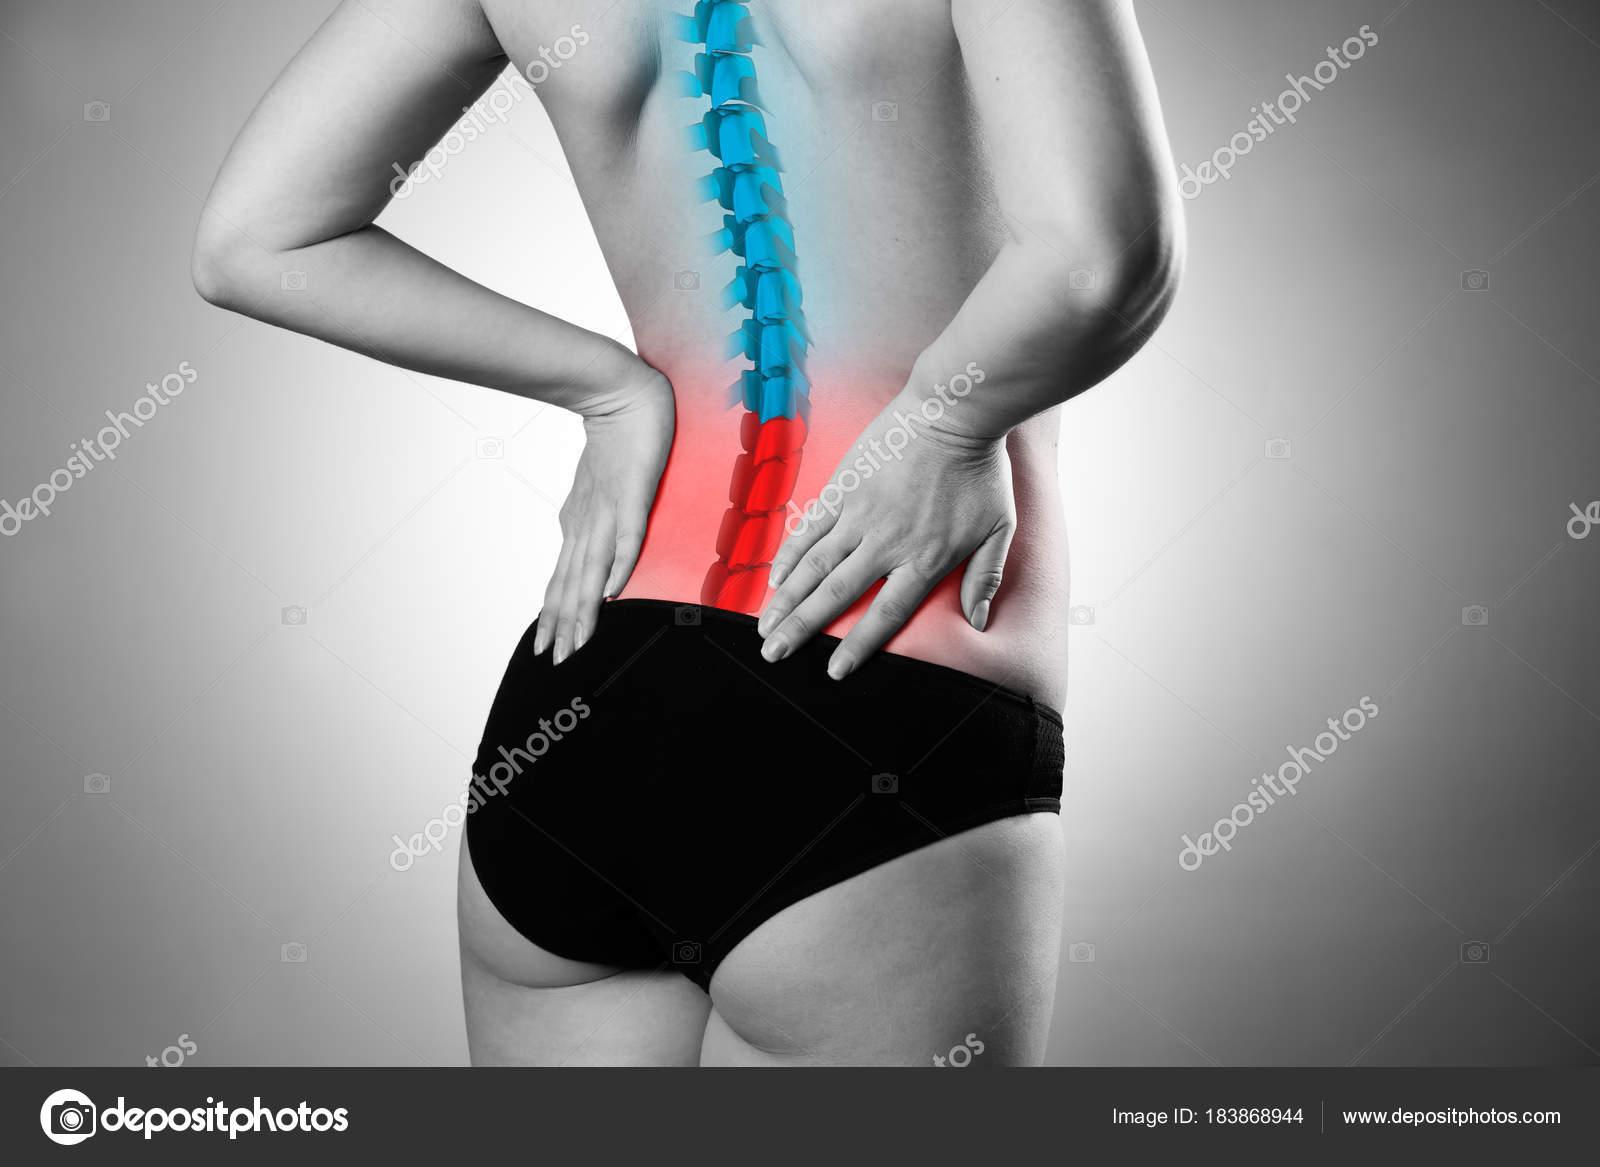 Schmerzen in der Wirbelsäule, Frau mit Rückenschmerzen, Verletzungen ...